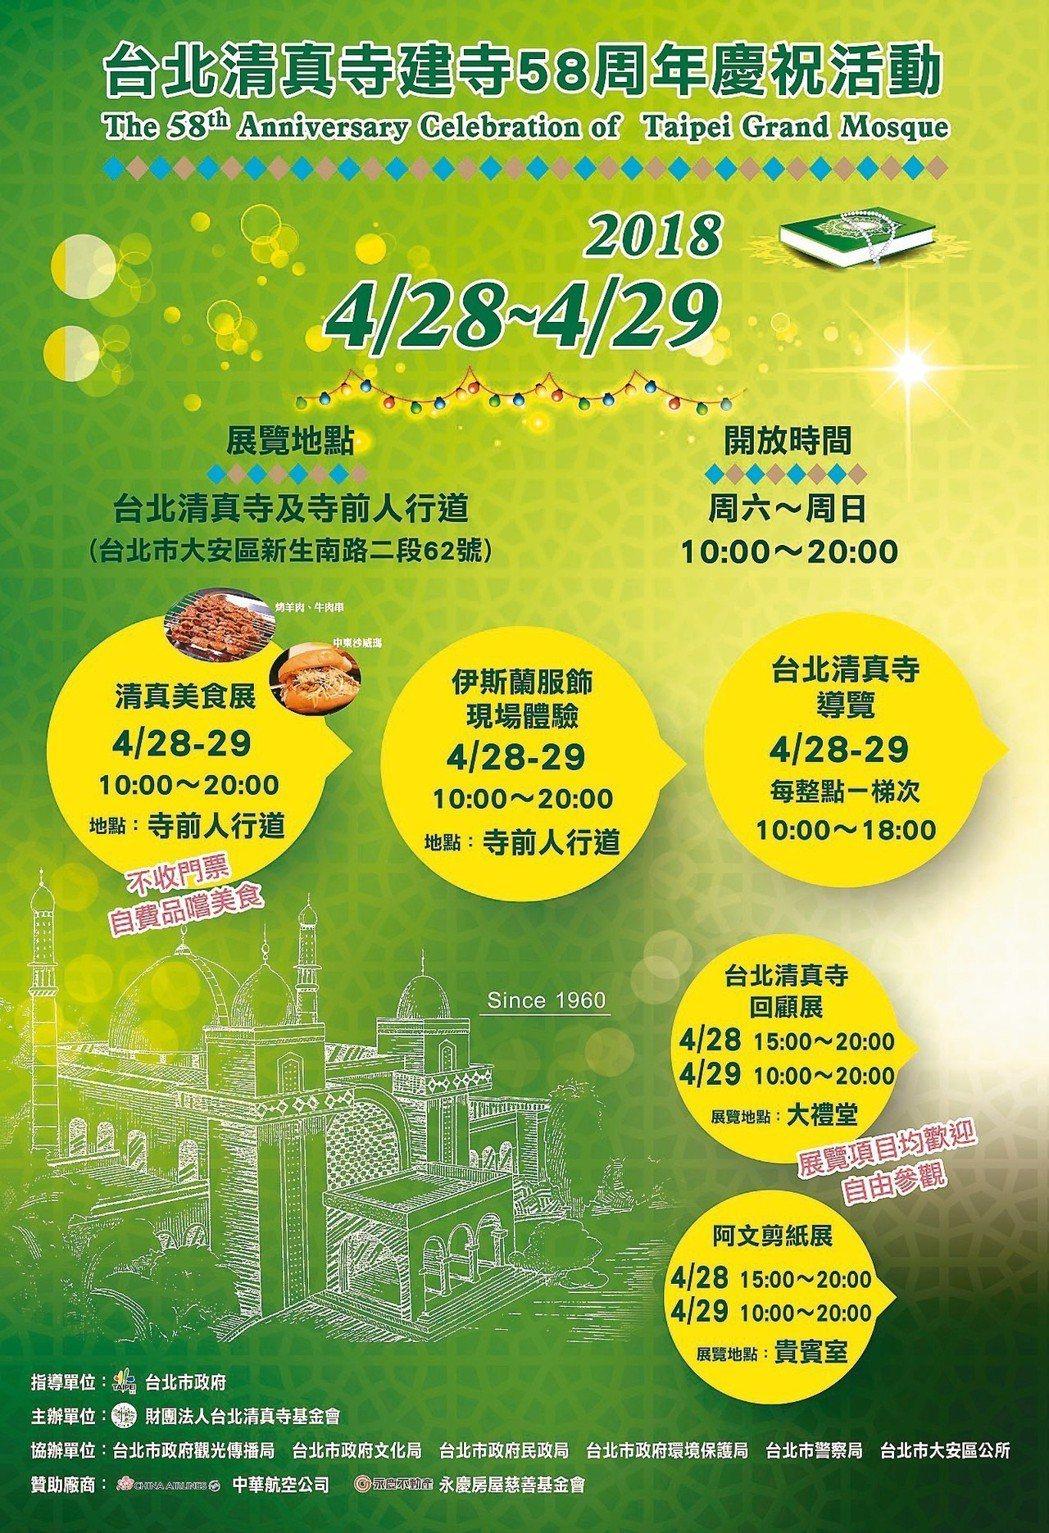 台北清真寺建寺58周年慶活動 圖/台北市觀光傳播局、台北清真寺